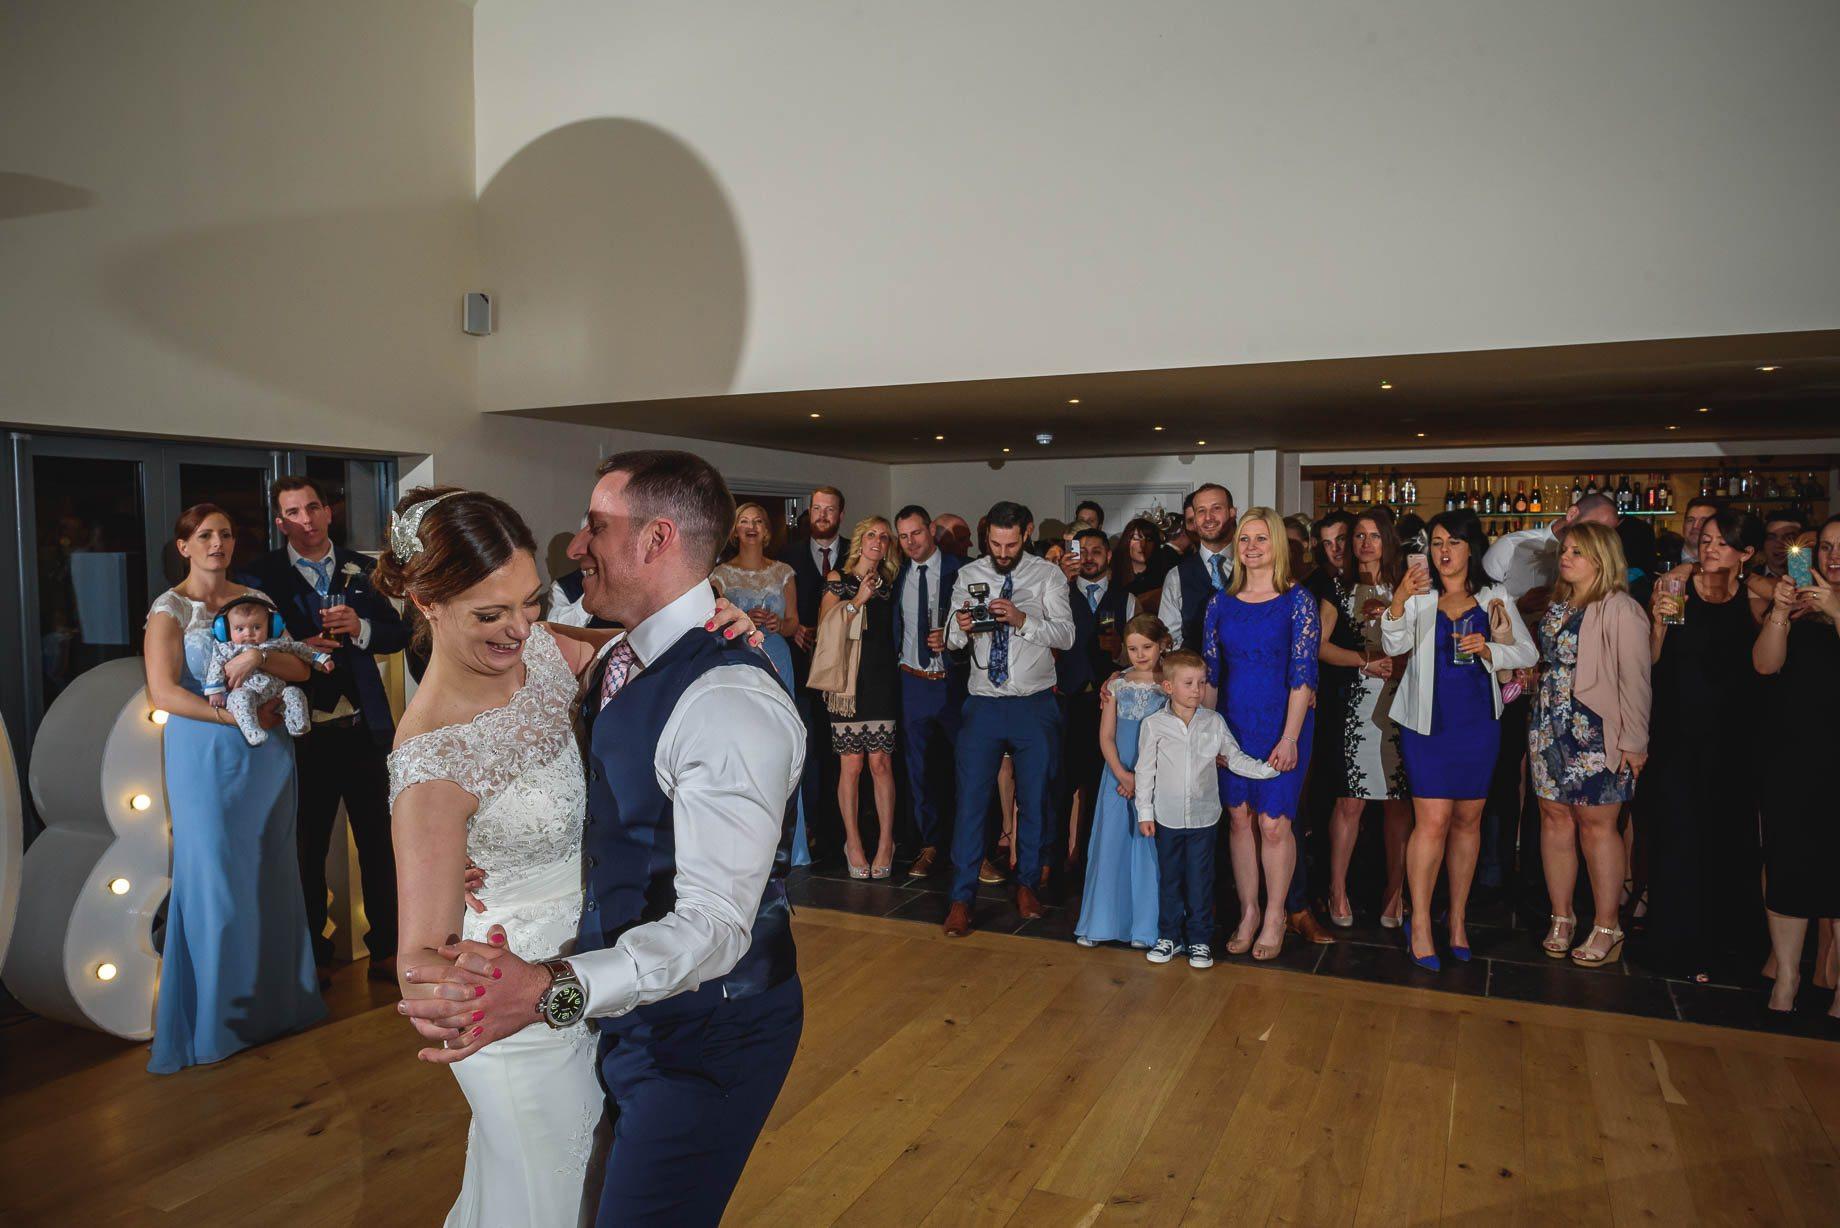 Millbridge Court Wedding Photography - Lisa and Daniel (163 of 173)